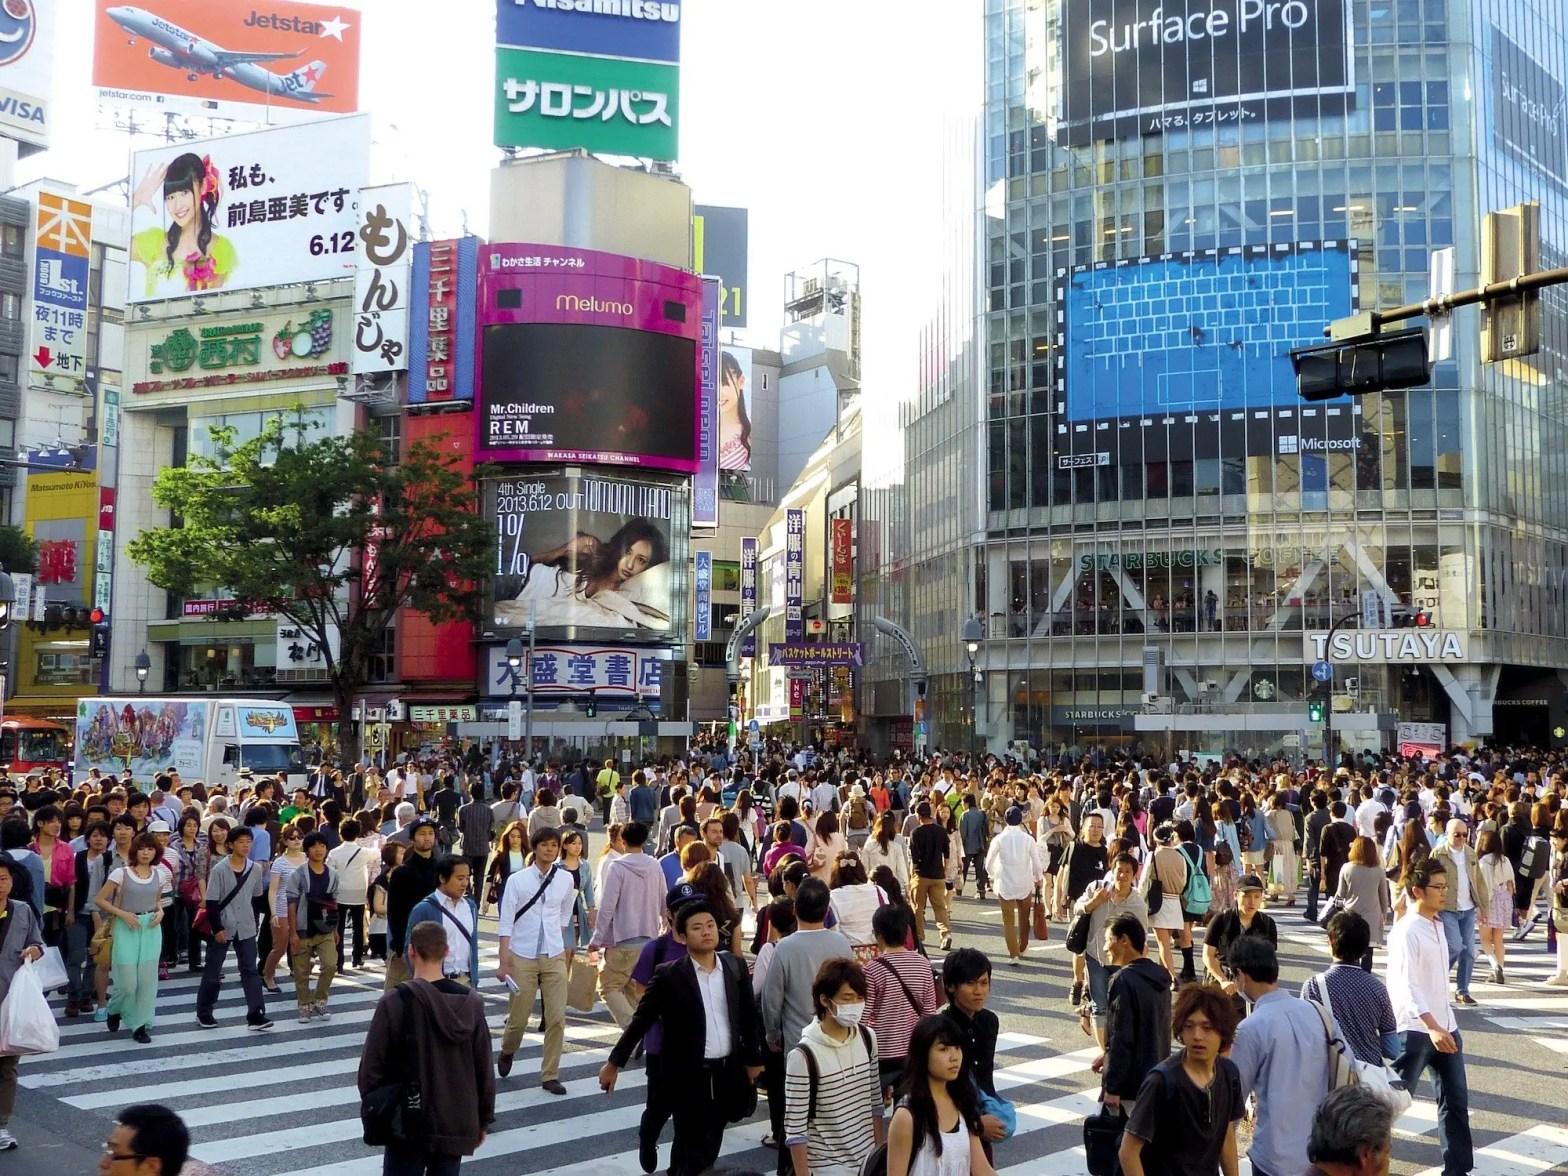 Hoeveel inwoners heeft Japan?